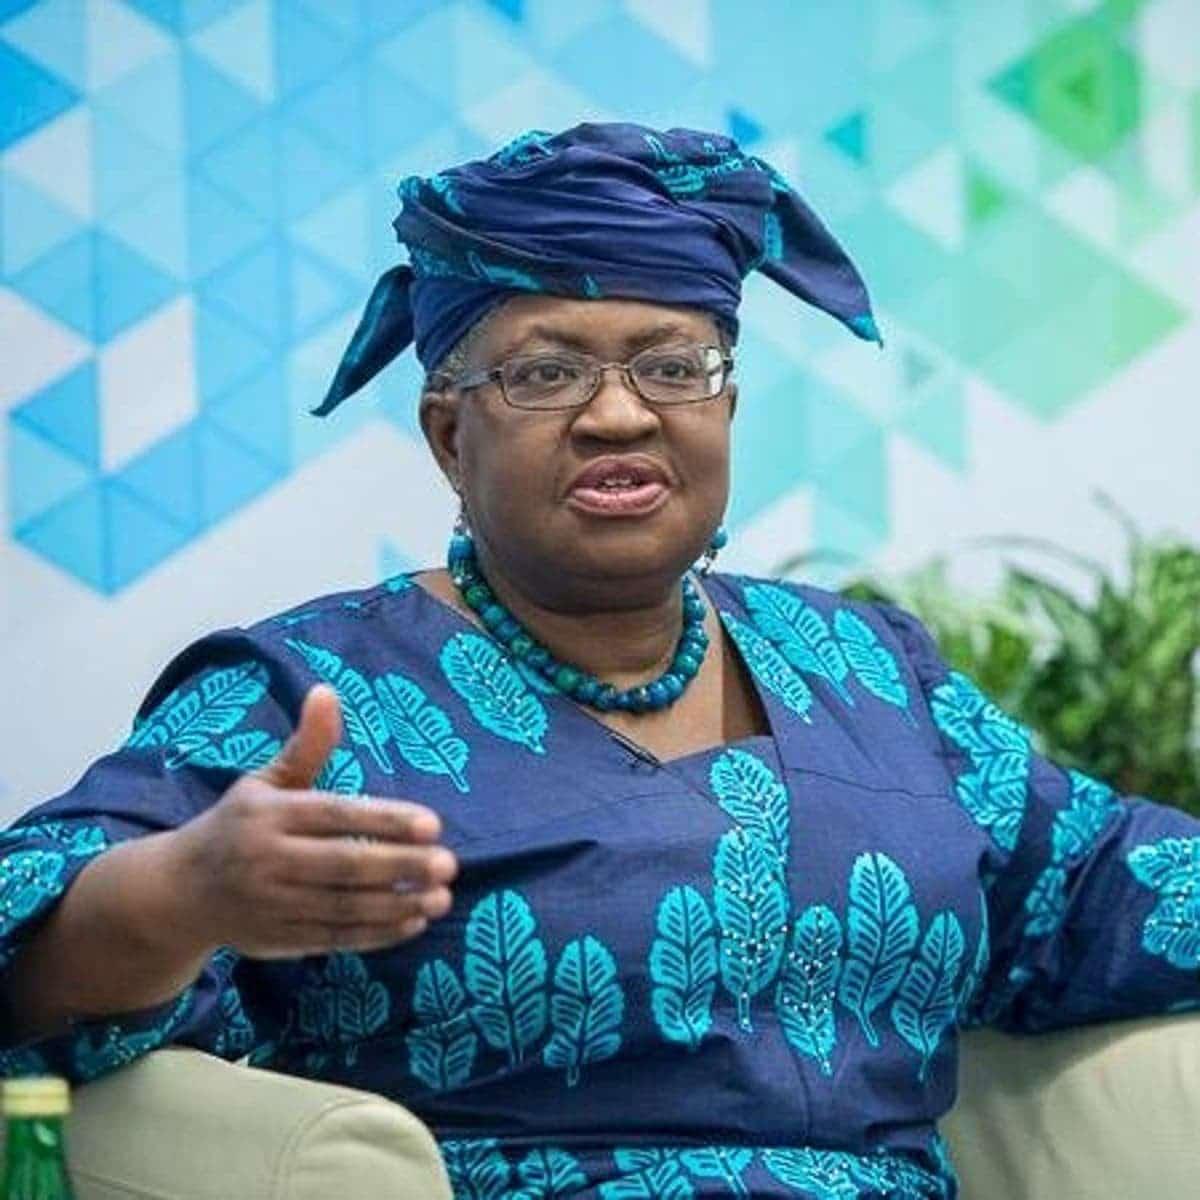 Chi è Ngozi Okonjo-Iweala Wto